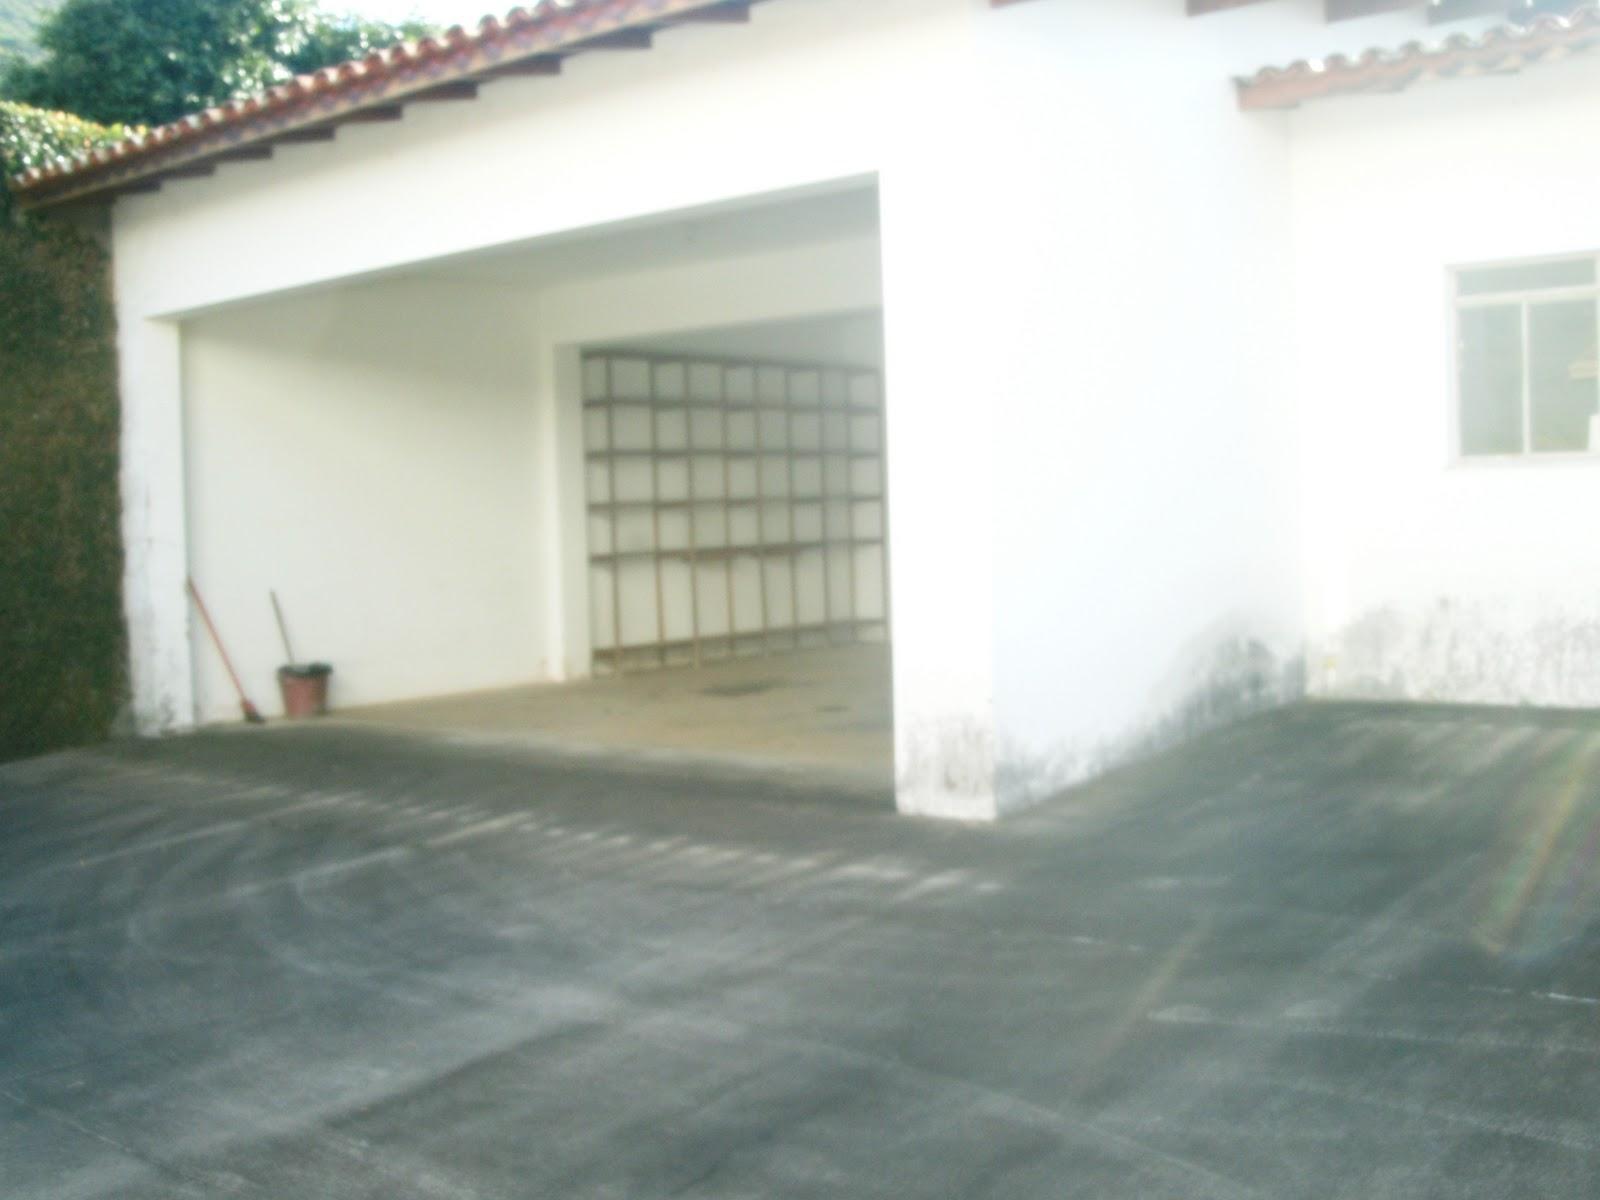 Casa e terreno à venda Poços de Caldas MG: Compre sua casa agora  #776B54 1600x1200